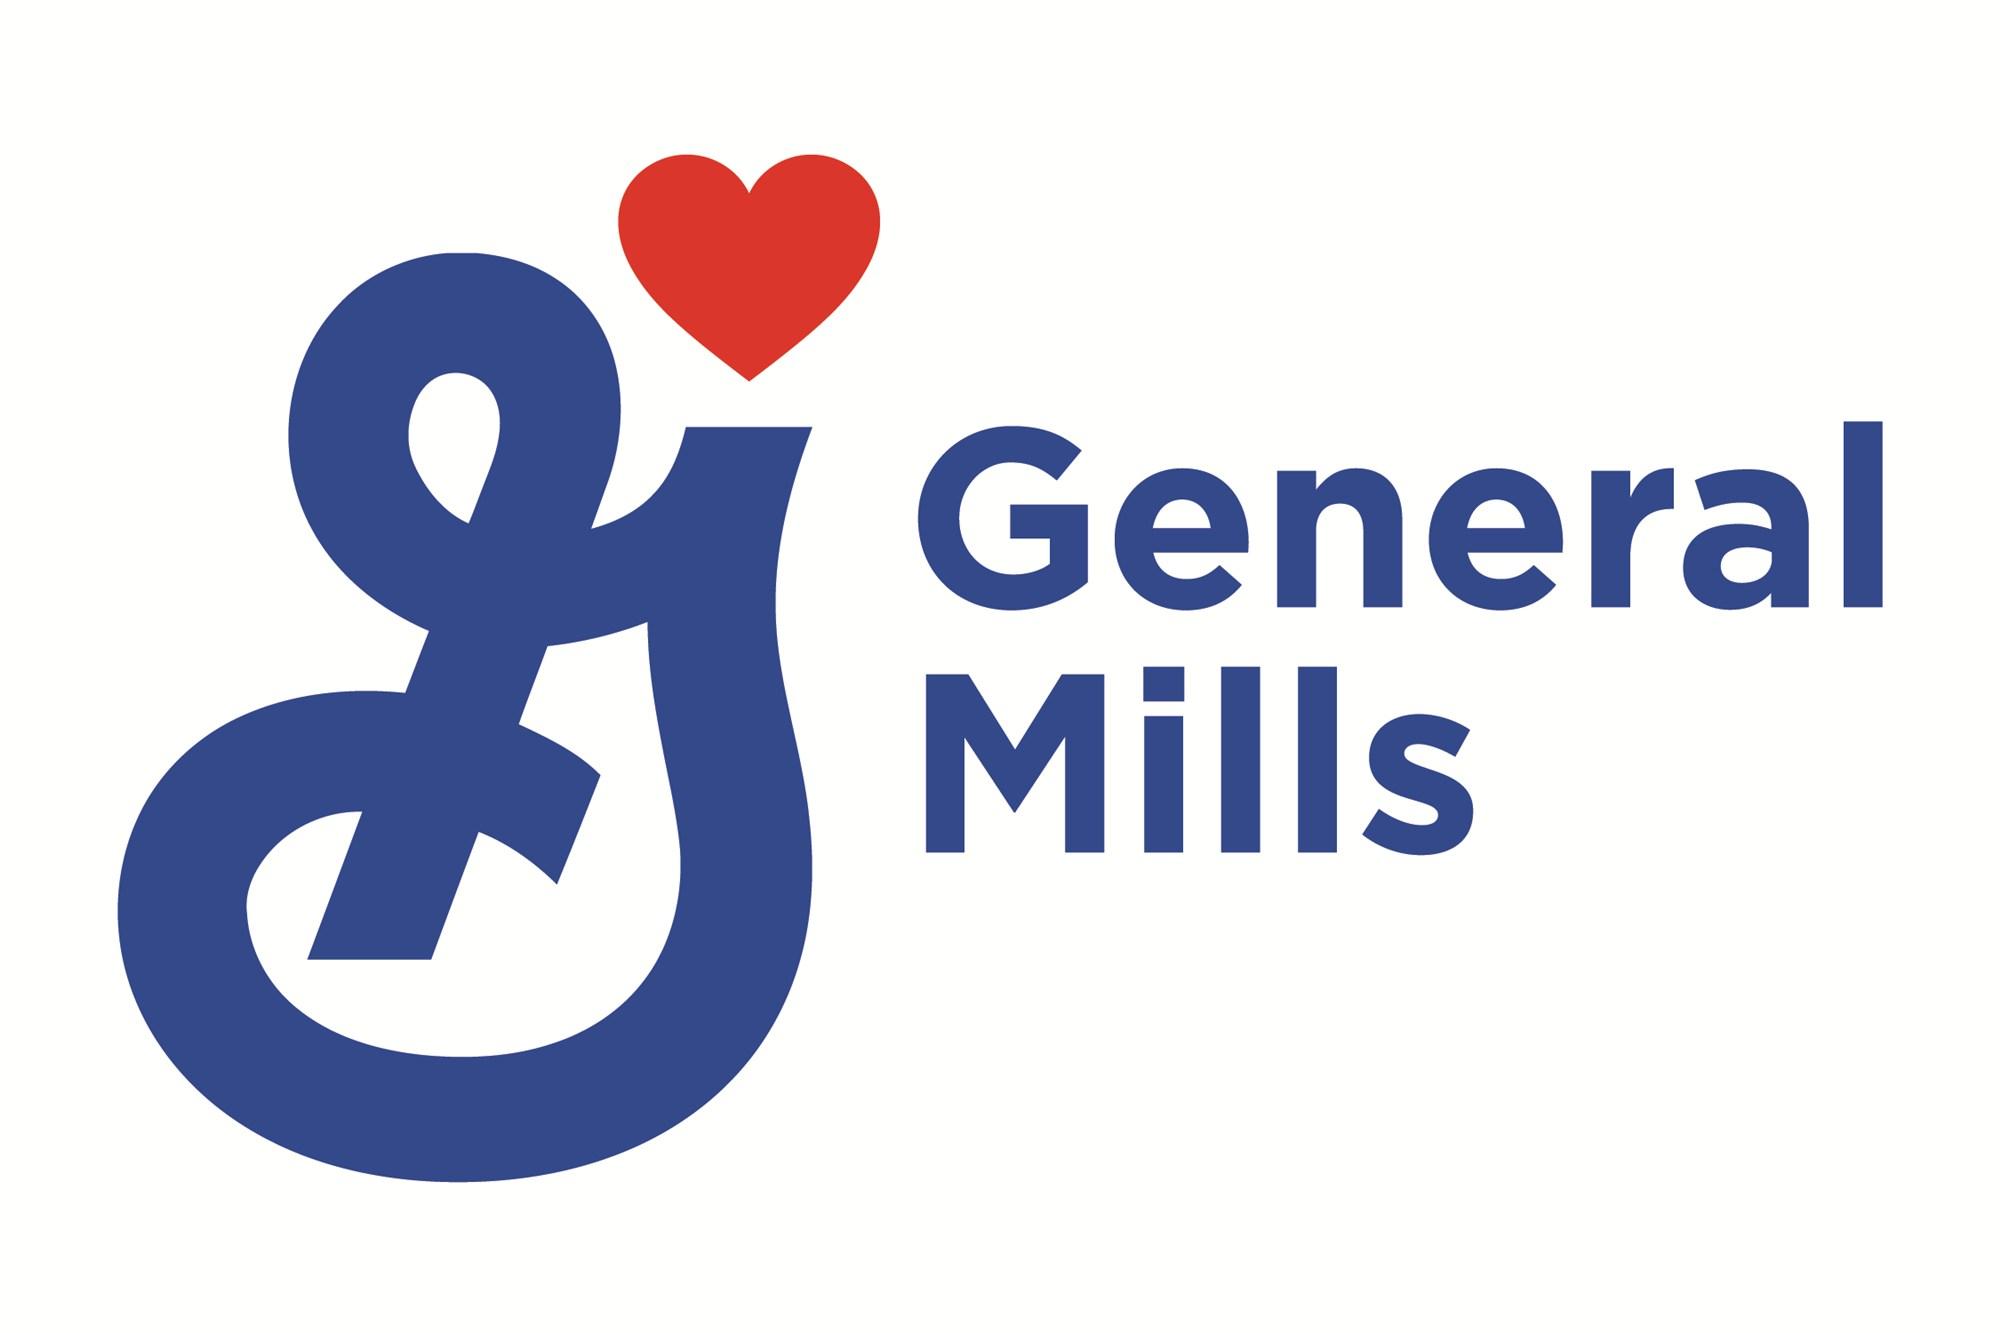 台灣通用磨坊股份有限公司General Mills Taiwan高薪職缺